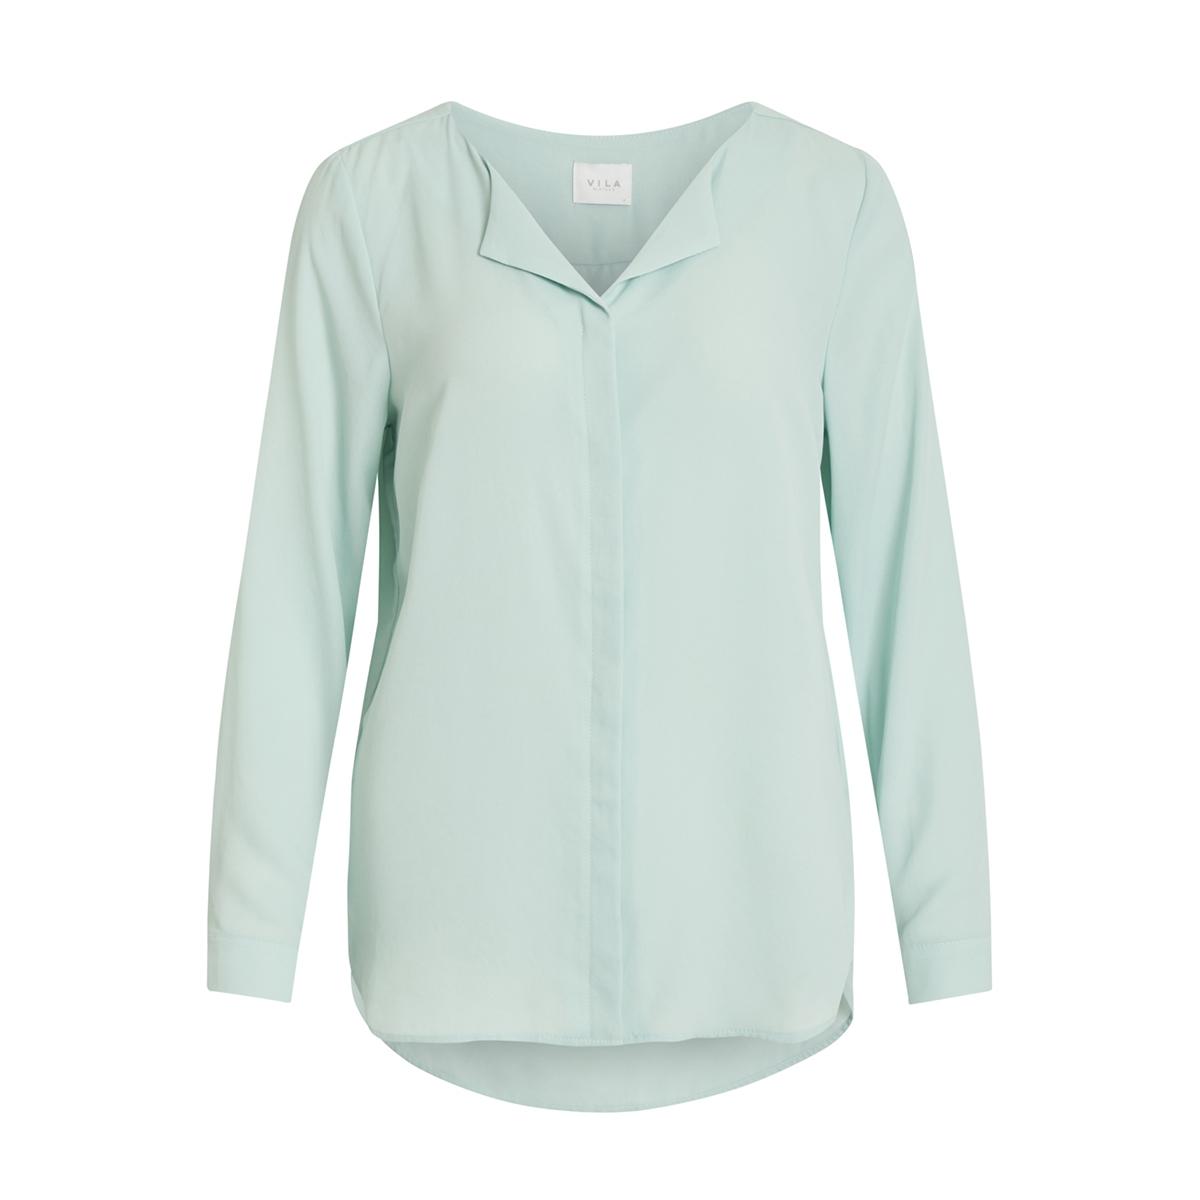 vilucy l/s shirt - noos 14044253 vila blouse blue haze